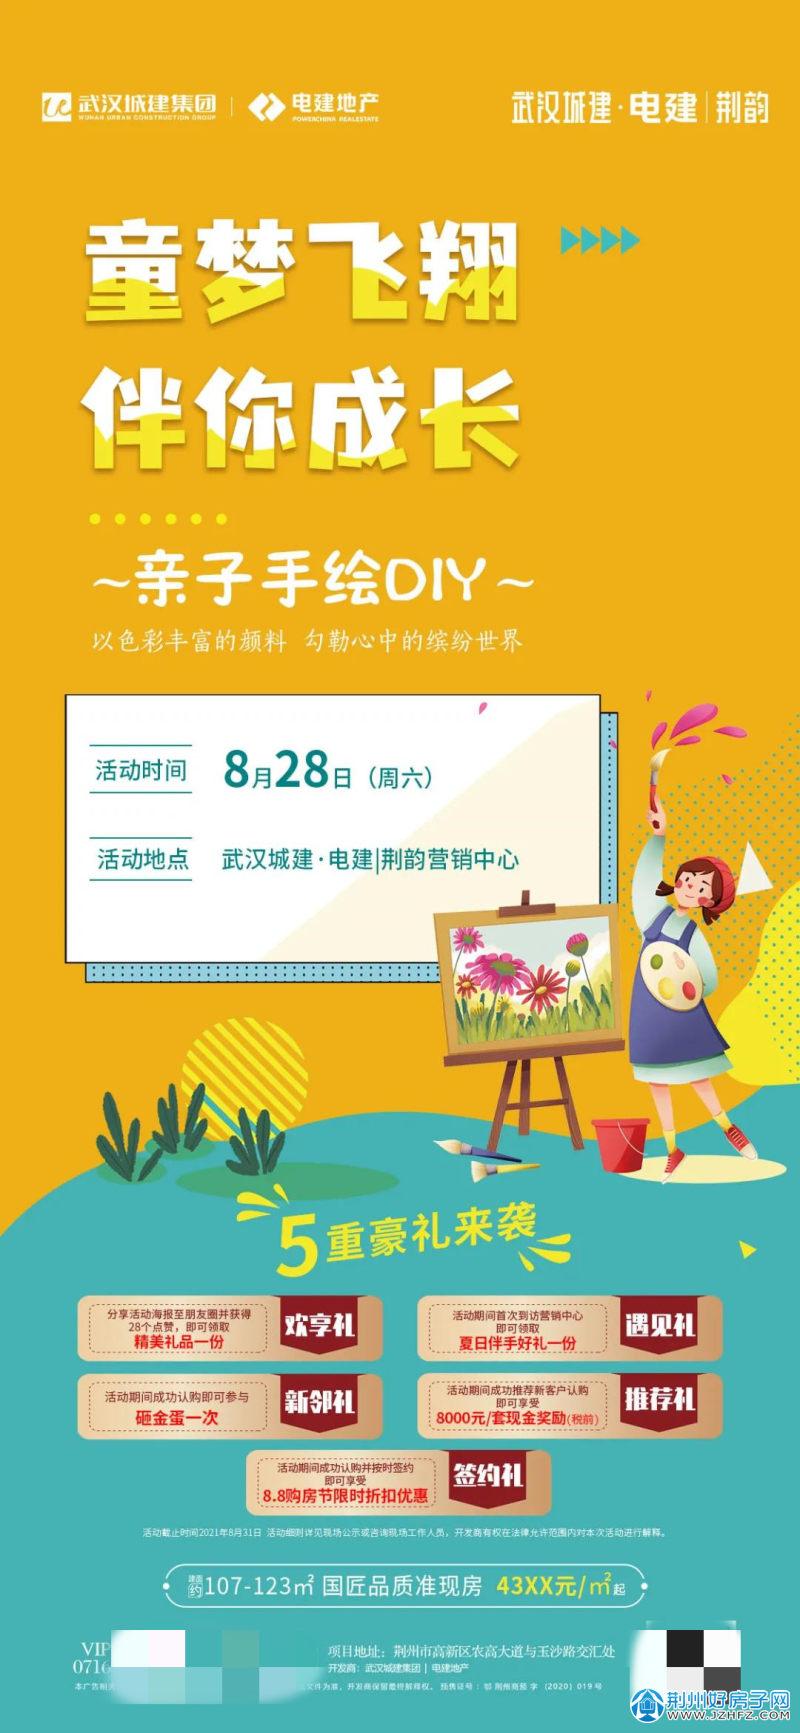 武汉城建·电建荆韵|8月18日亲子手绘DIY活动邀请